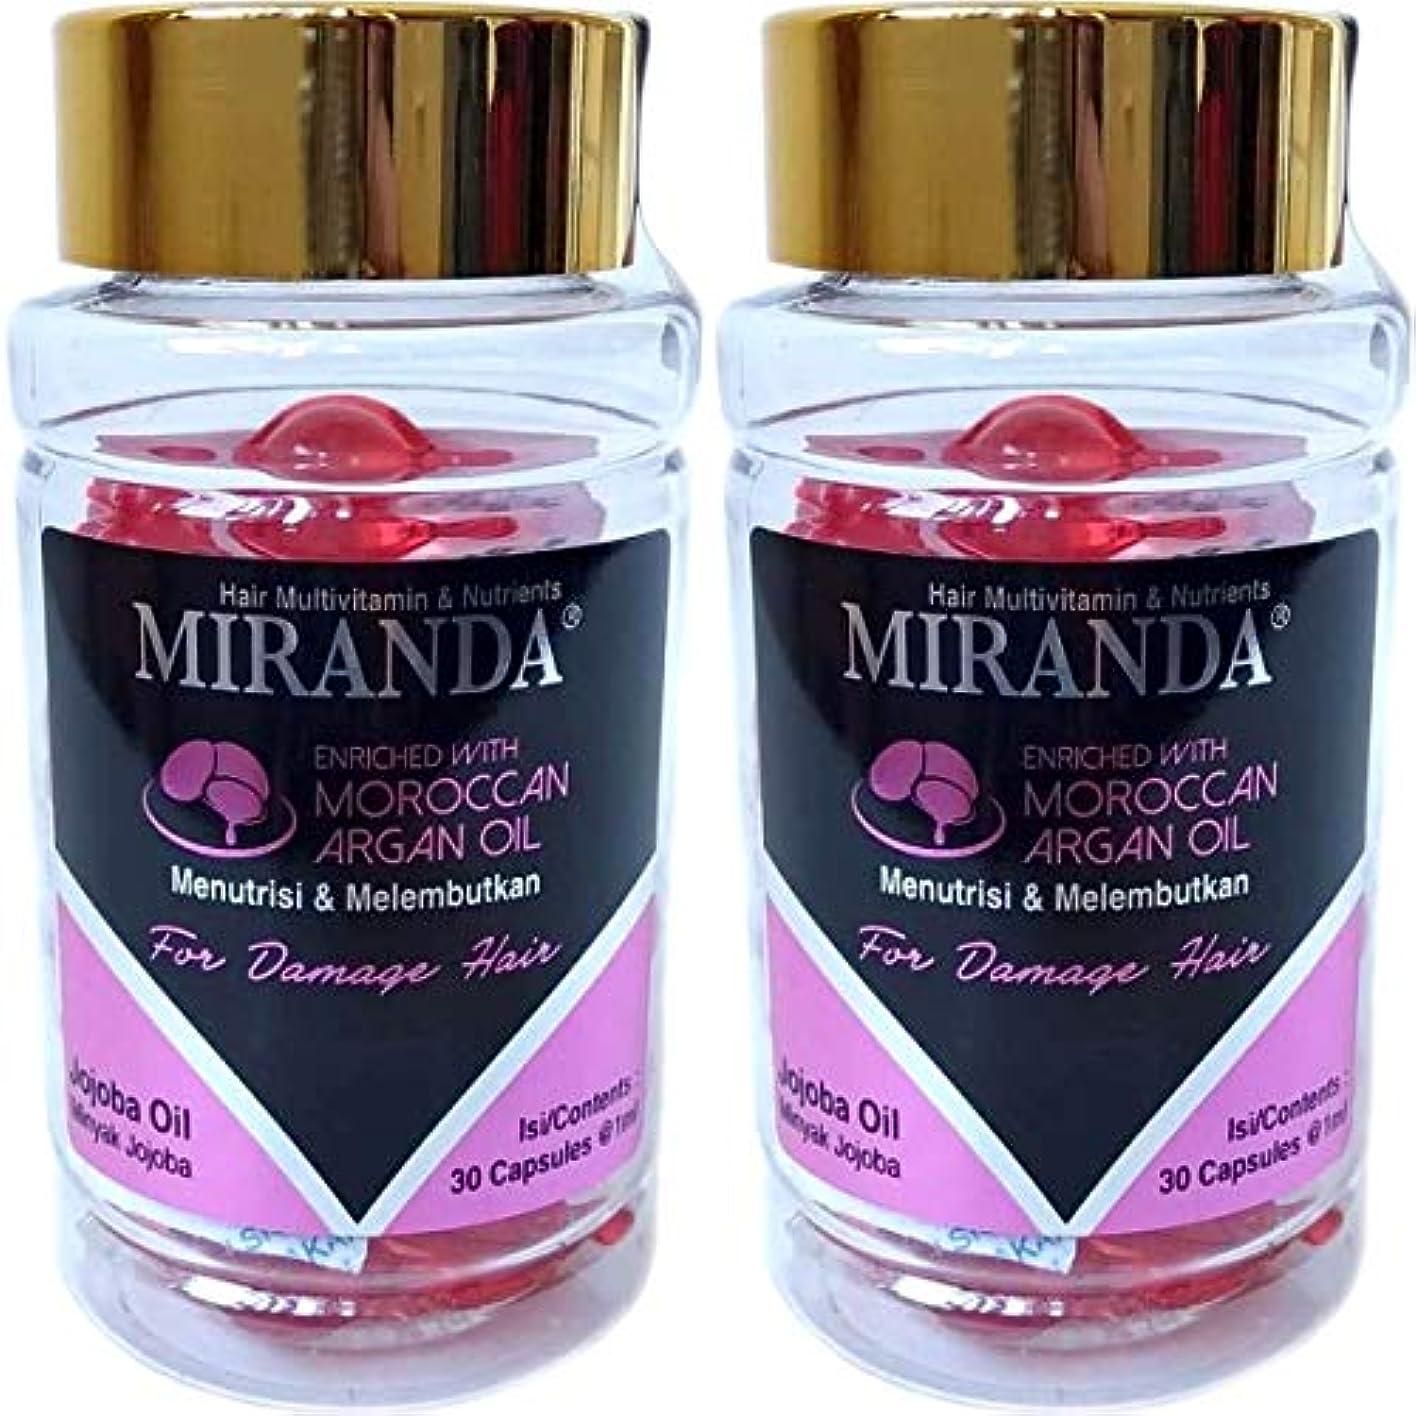 くちばし可聴罪人MIRANDA ミランダ Hair Multivitamin&Nutrients ヘアマルチビタミン ニュートリエンツ 洗い流さないヘアトリートメント 30粒入ボトル×2個セット Jojoba oil ホホバオイル [海外直送品]